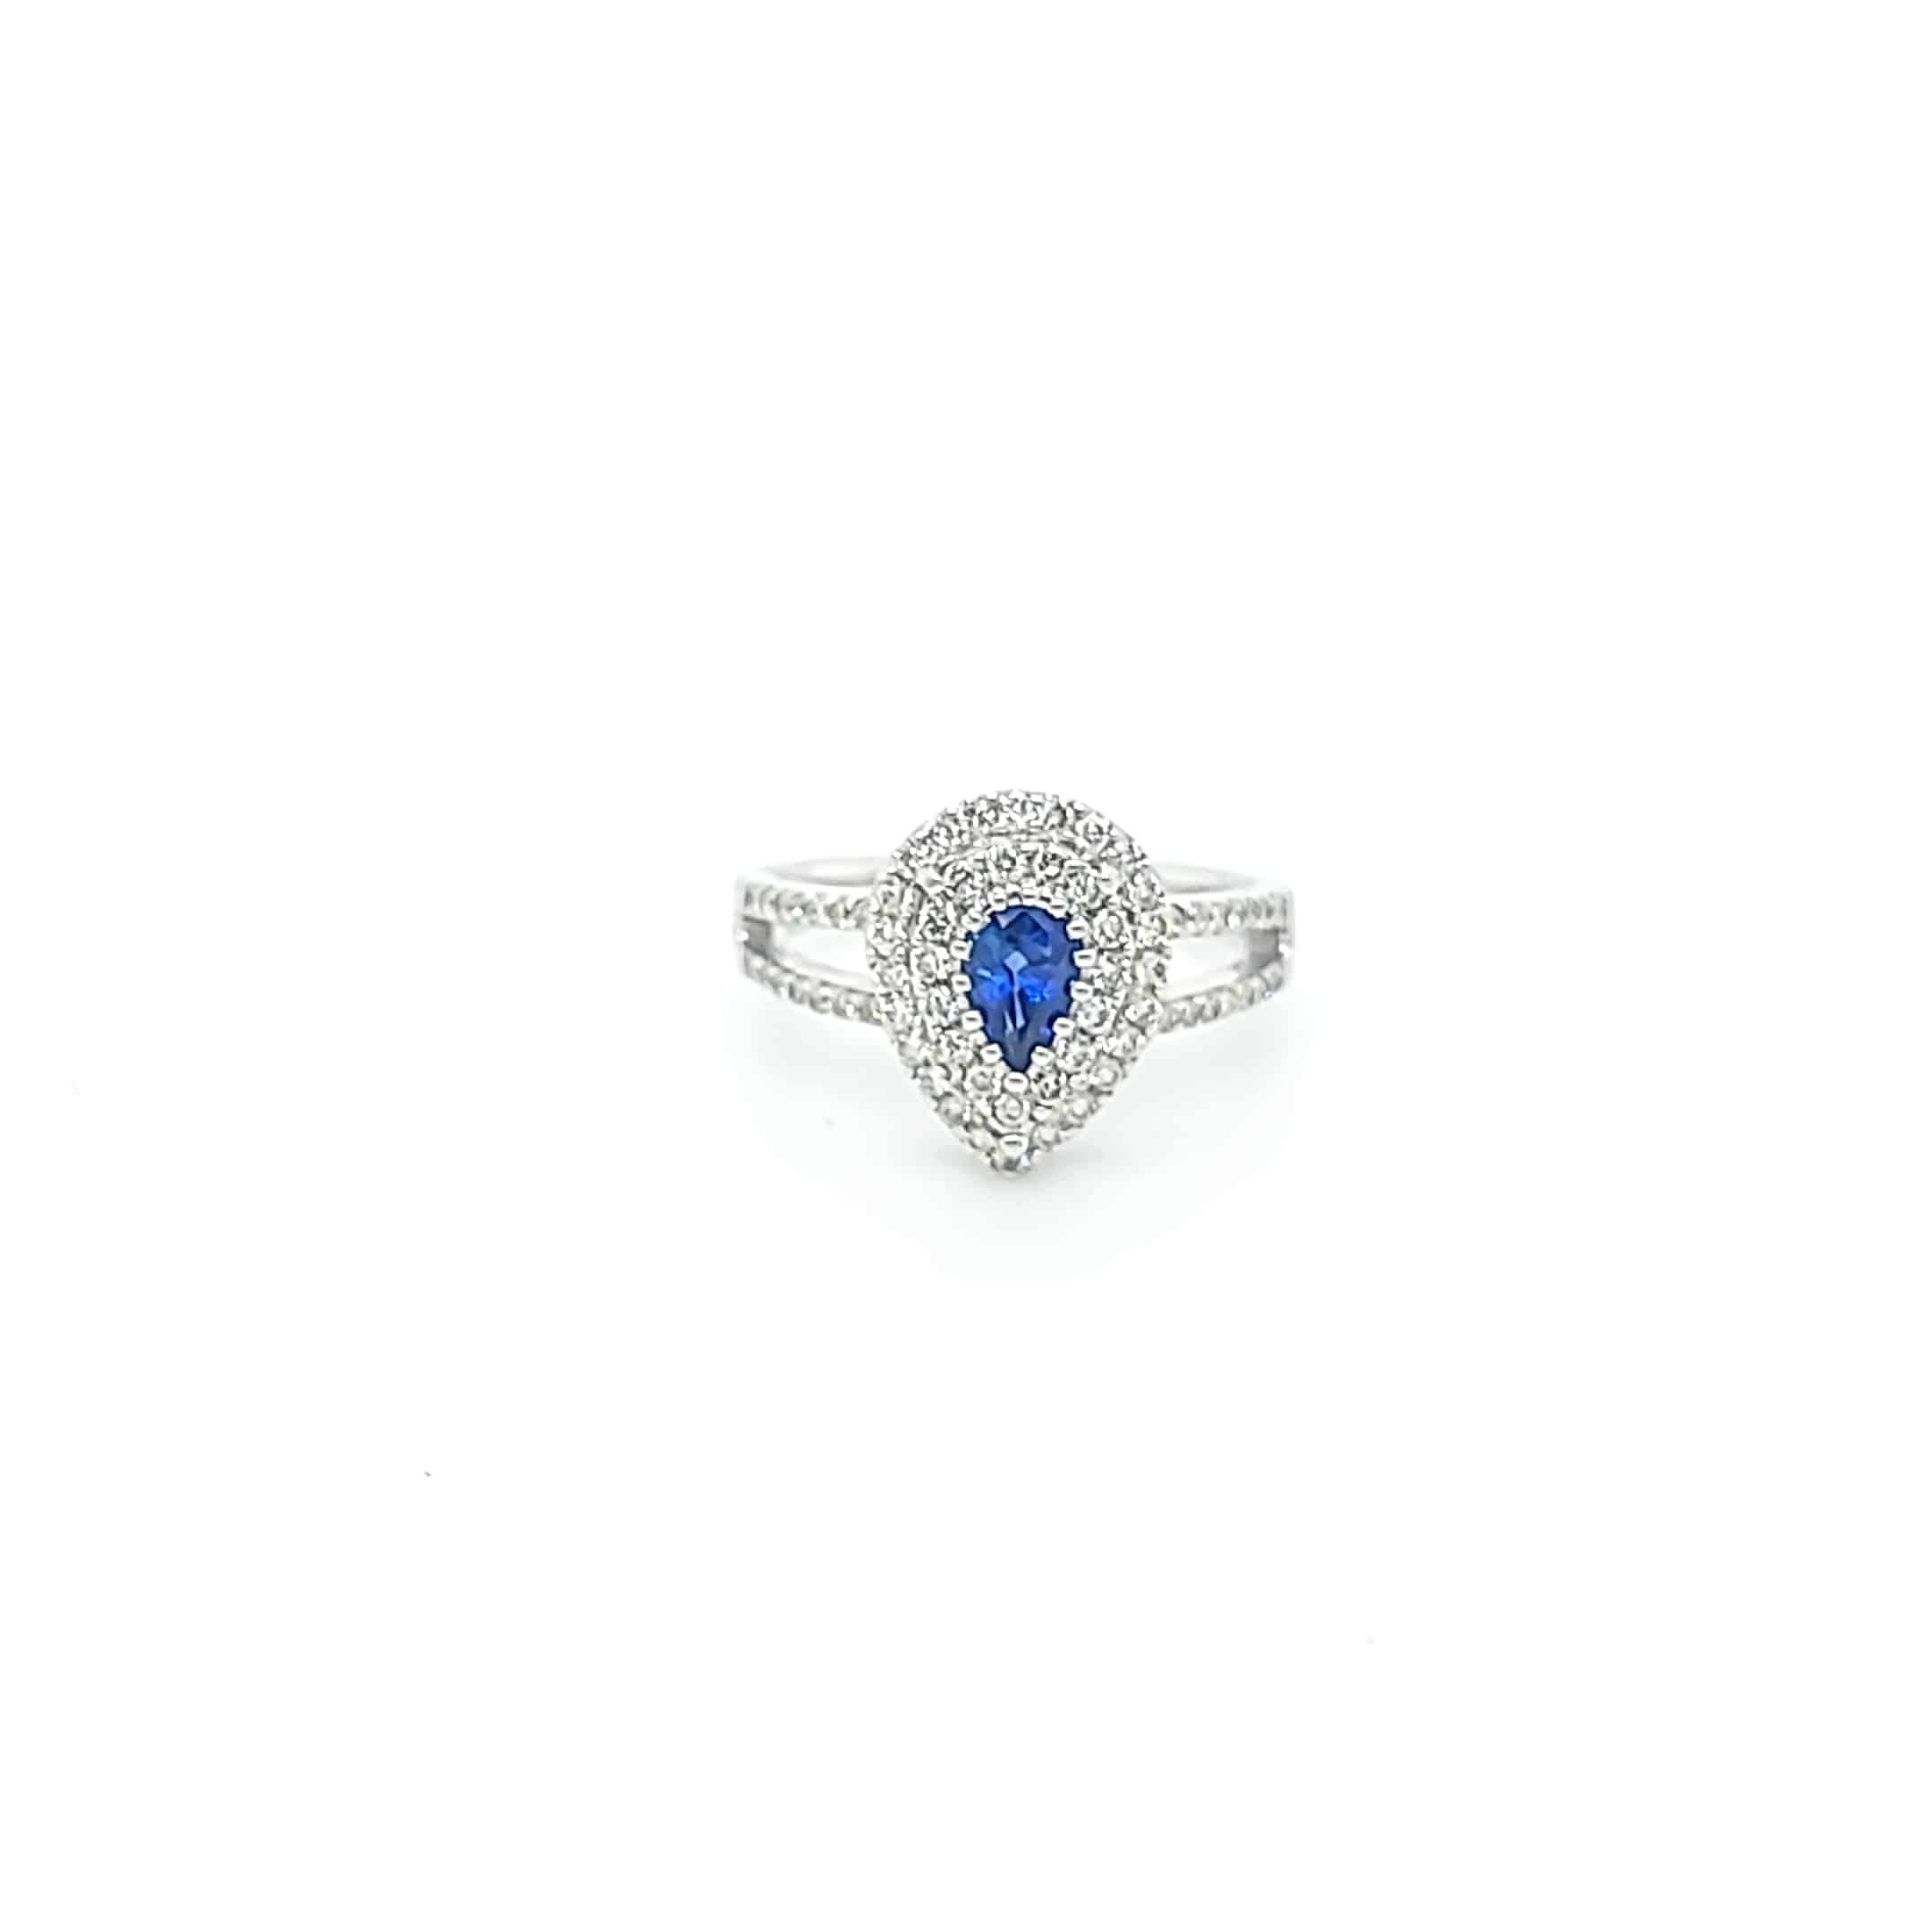 梨形藍寶石戒指